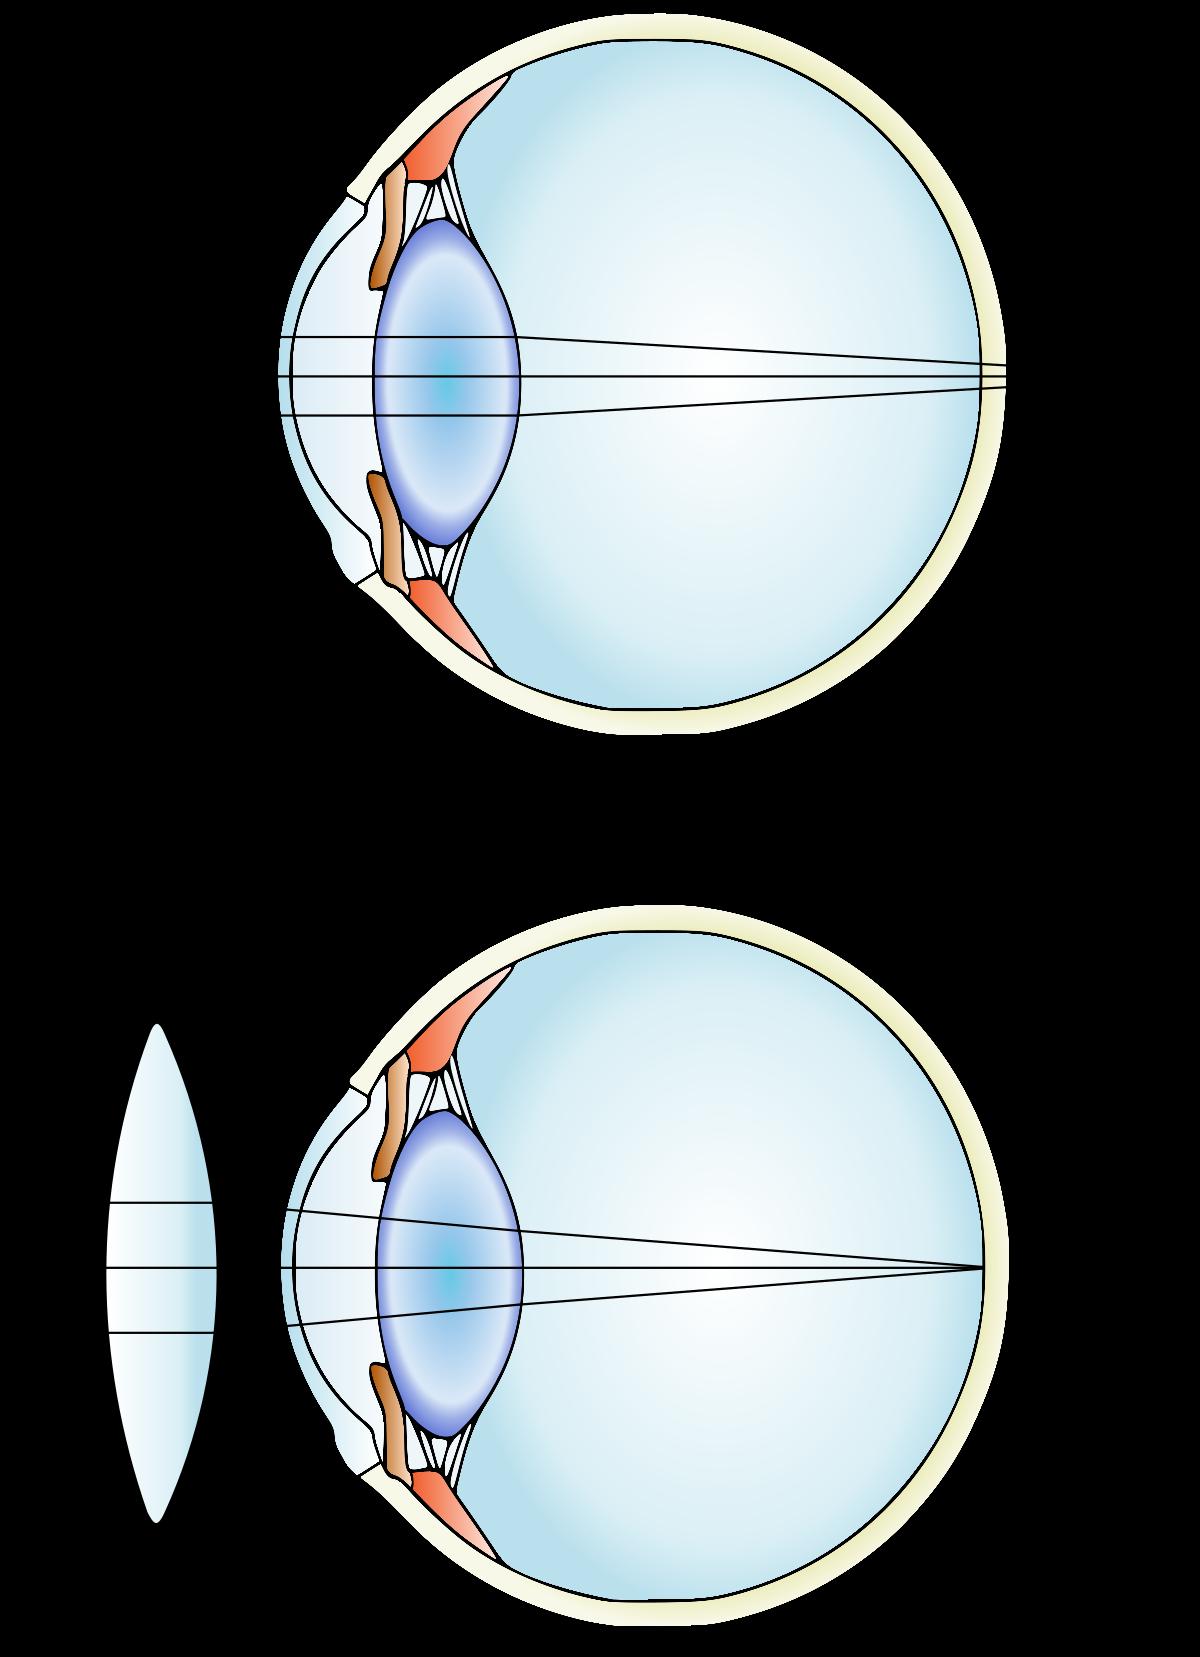 A hyperopia és a myopia figyelmeztetése